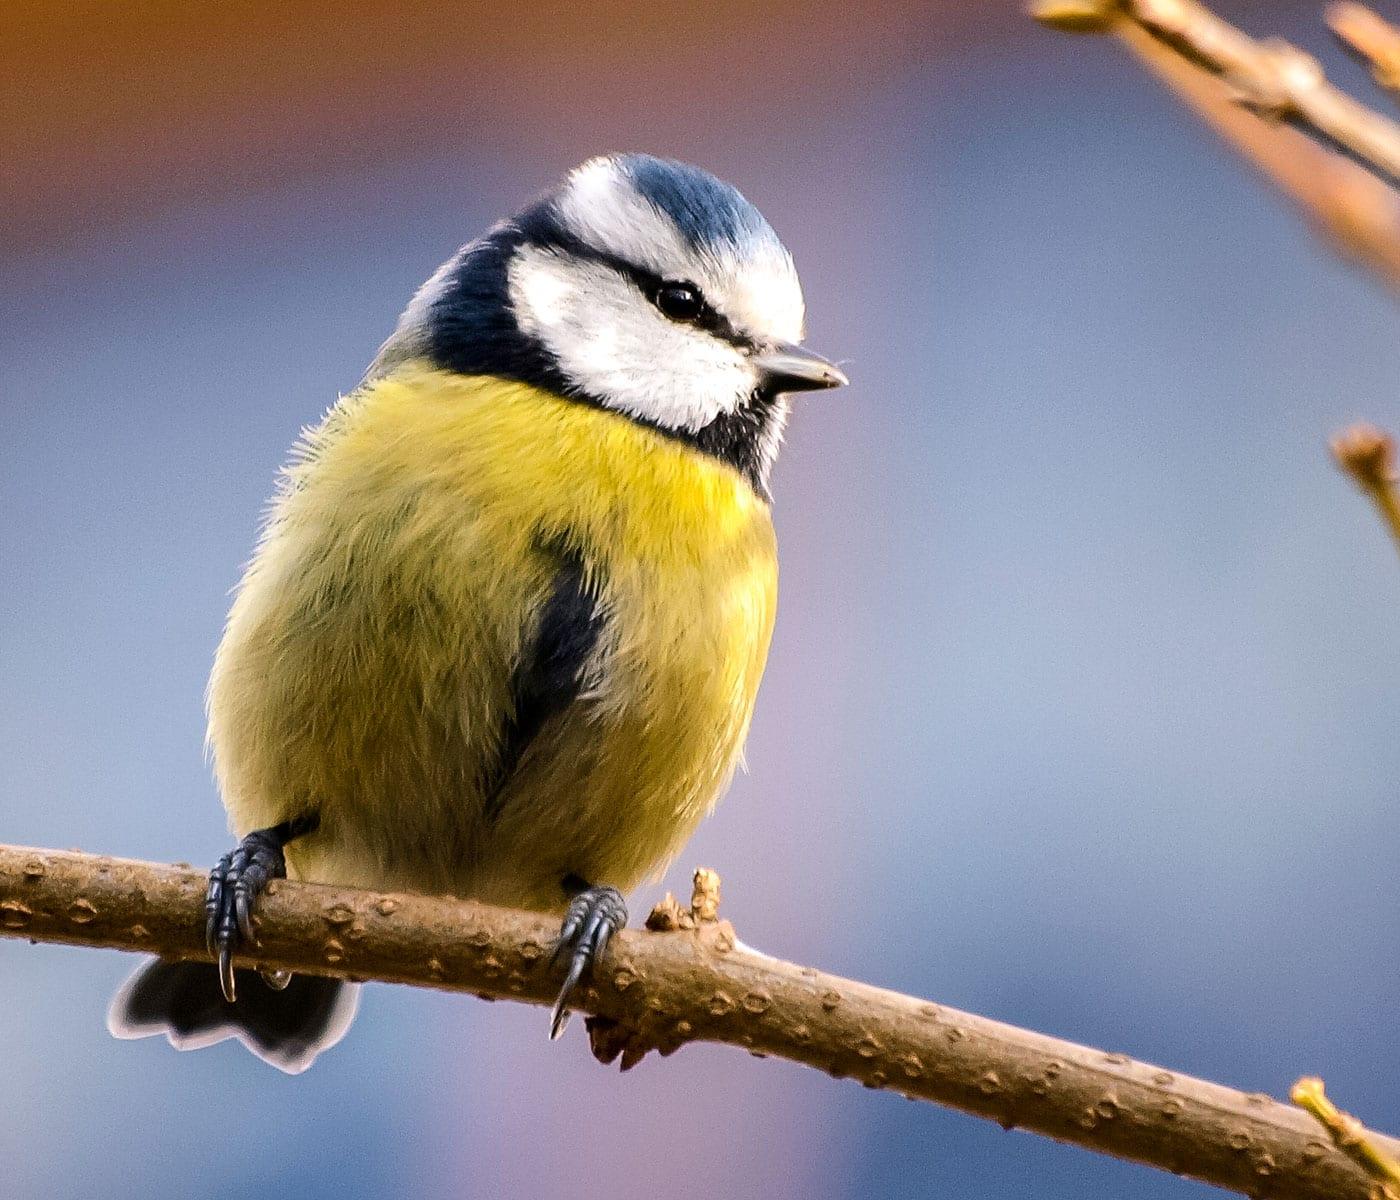 Wahl zum Vogel des Jahres 2021: Blaumeise // HIMBEER